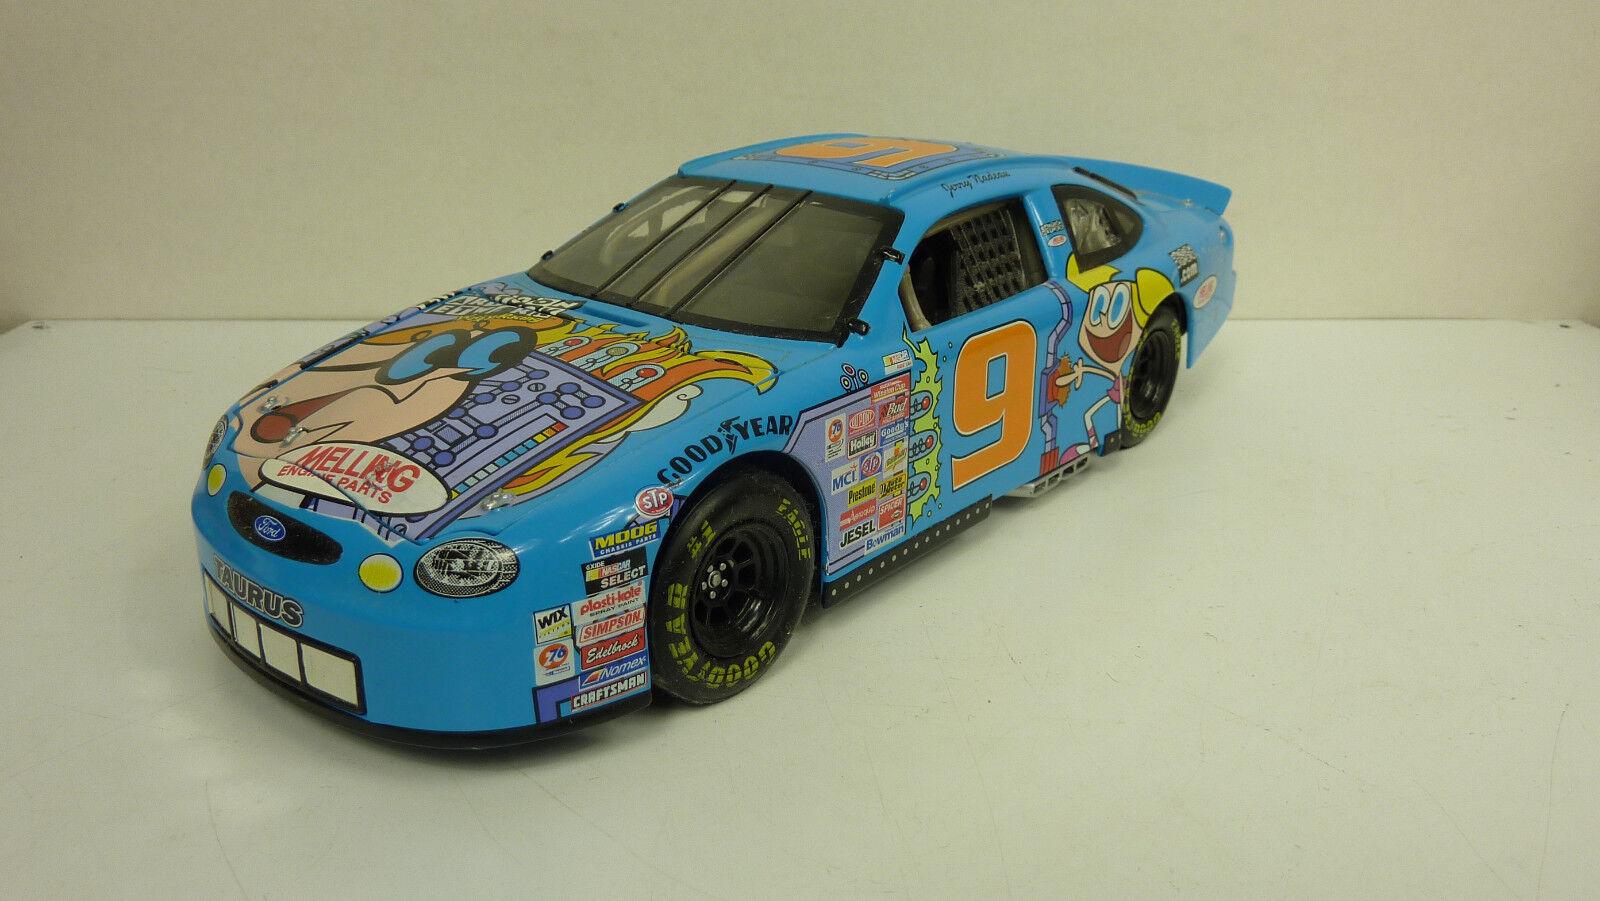 edición limitada en caliente Acción racing 1 18 Ford Ford Ford Taurus NASCoche Cochetoon Network 1999  9 sin VP (a1751)  80% de descuento